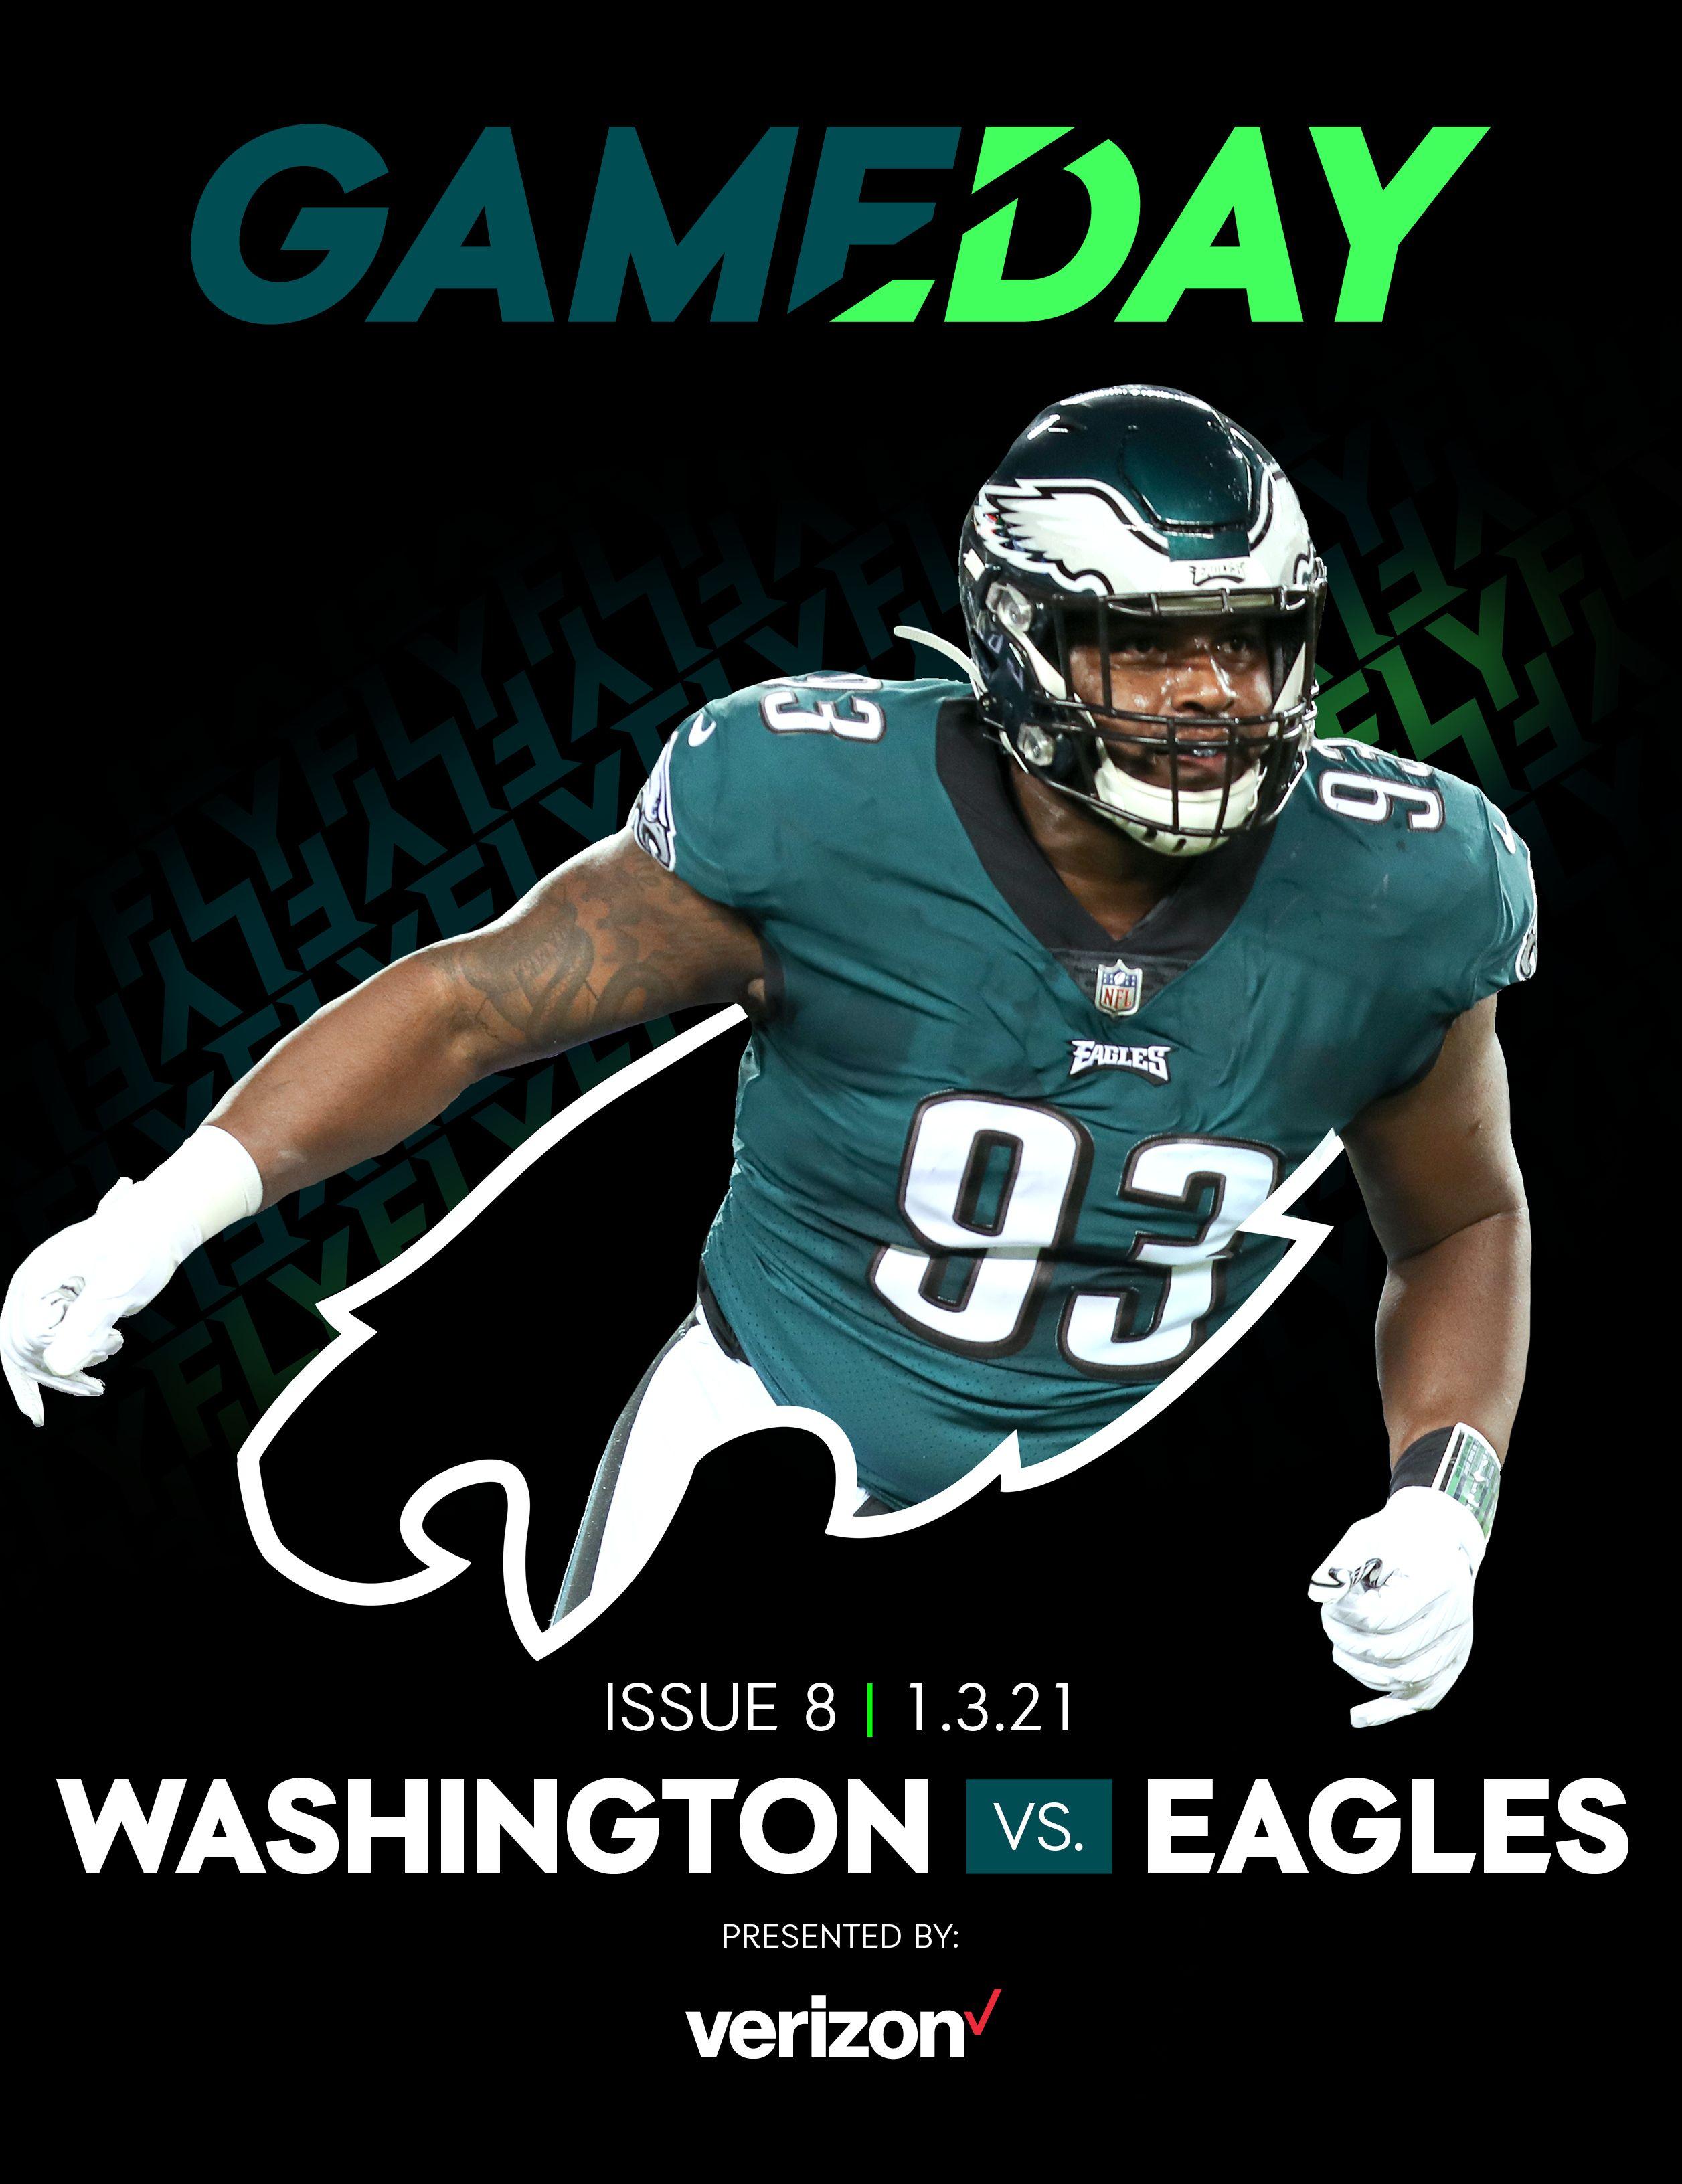 Washington vs. Eagles